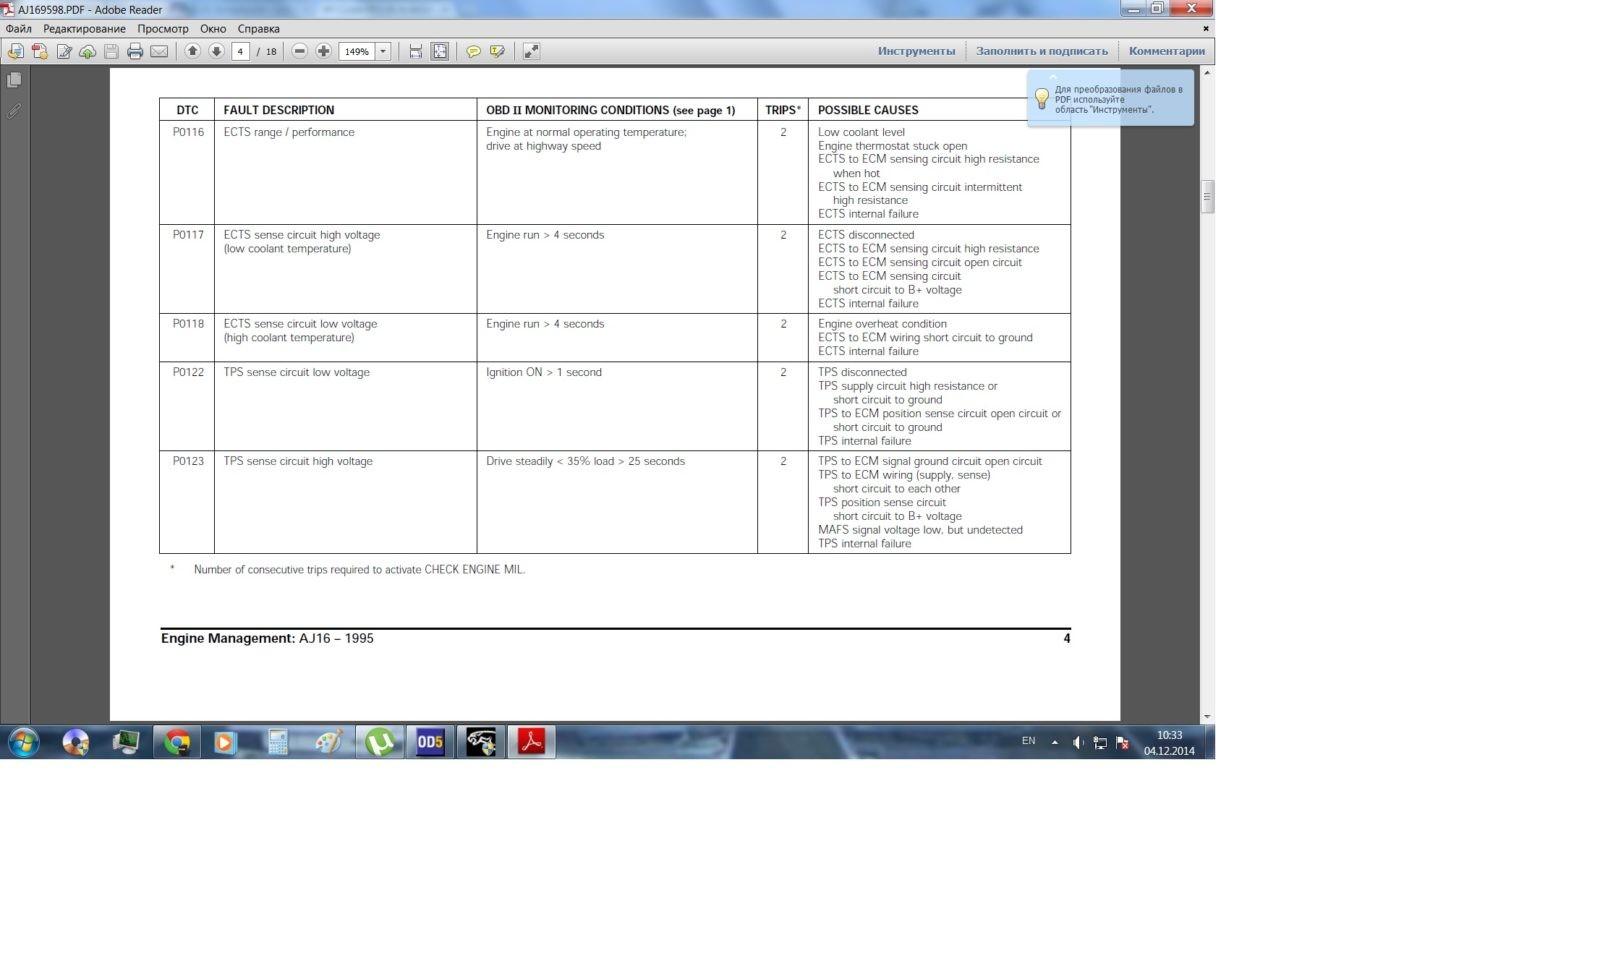 Код неисправности P0115 на некоторых моделях Опеля и Тойота